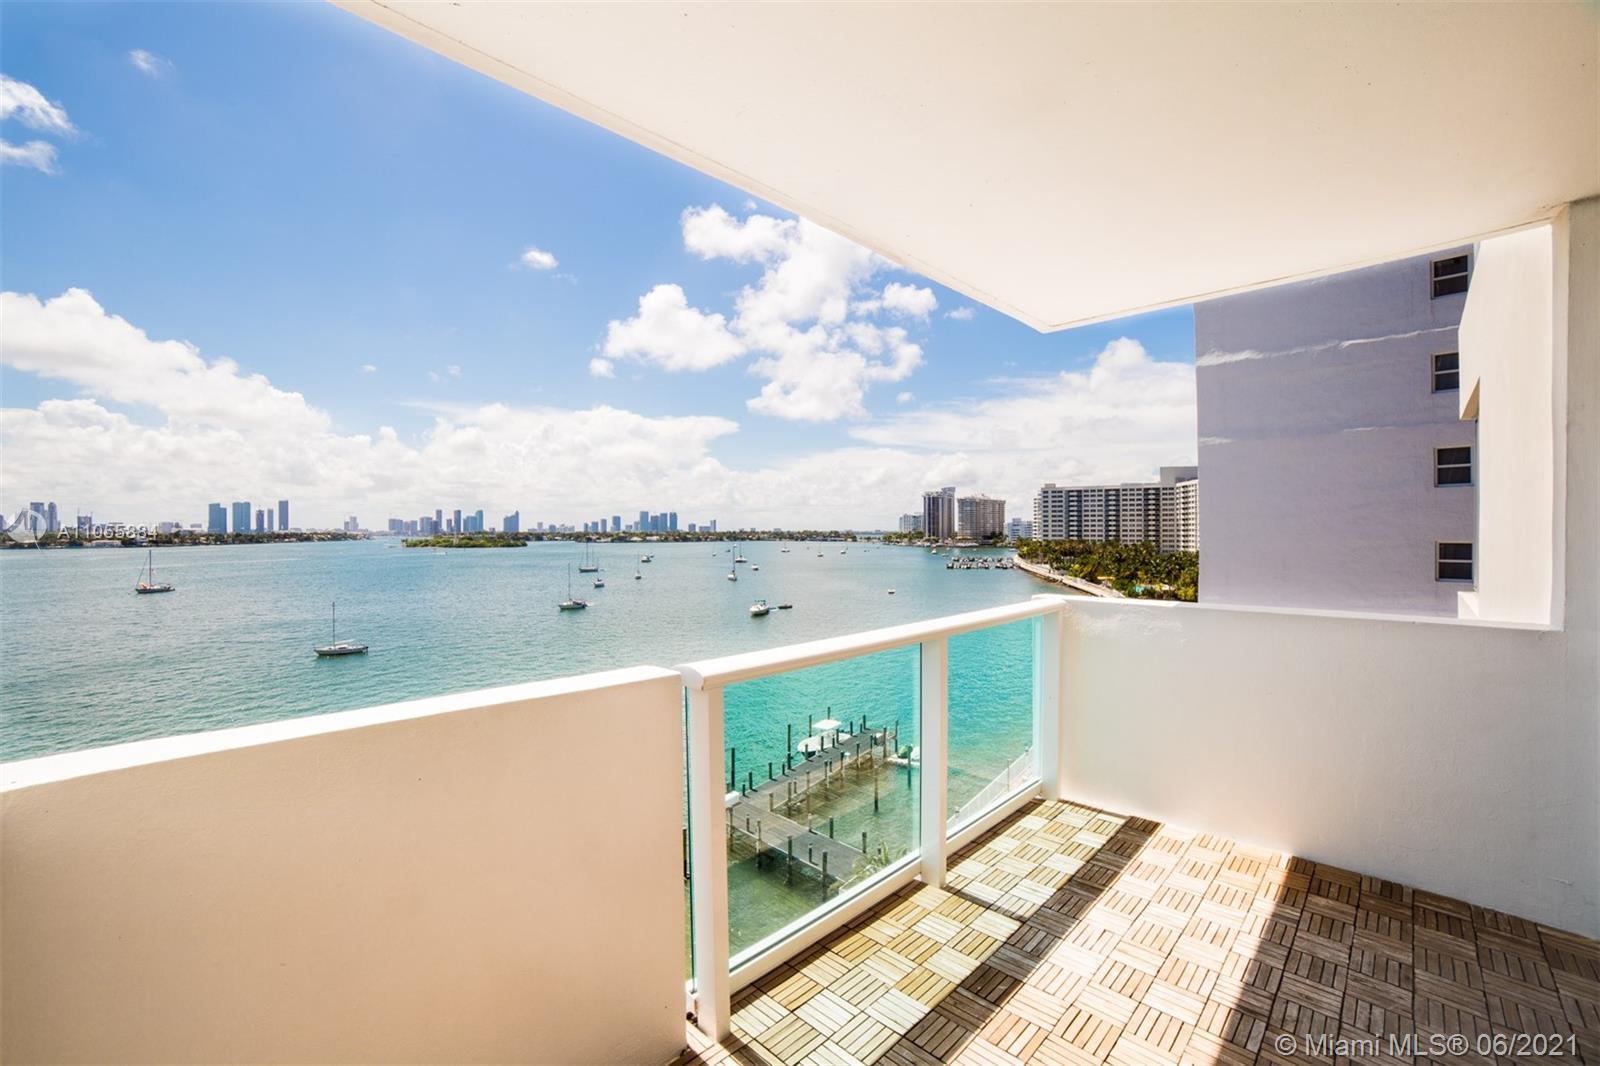 Mirador North #625 - 1200 WEST AV #625, Miami Beach, FL 33139